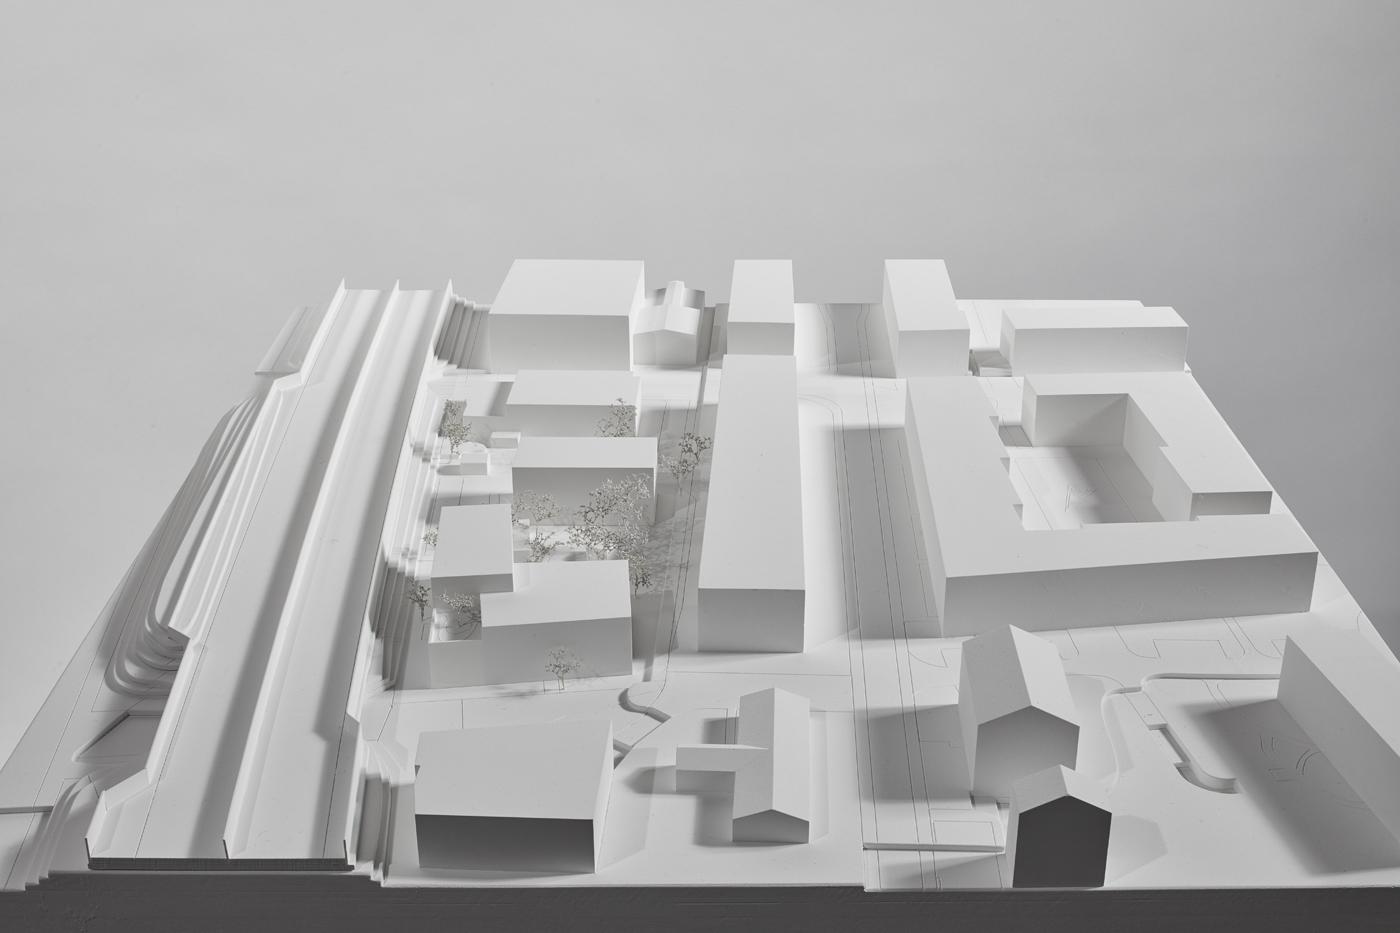 buan architekten – Studienauftrag Wohnheim Lindenfeld Emmen – Modellfoto